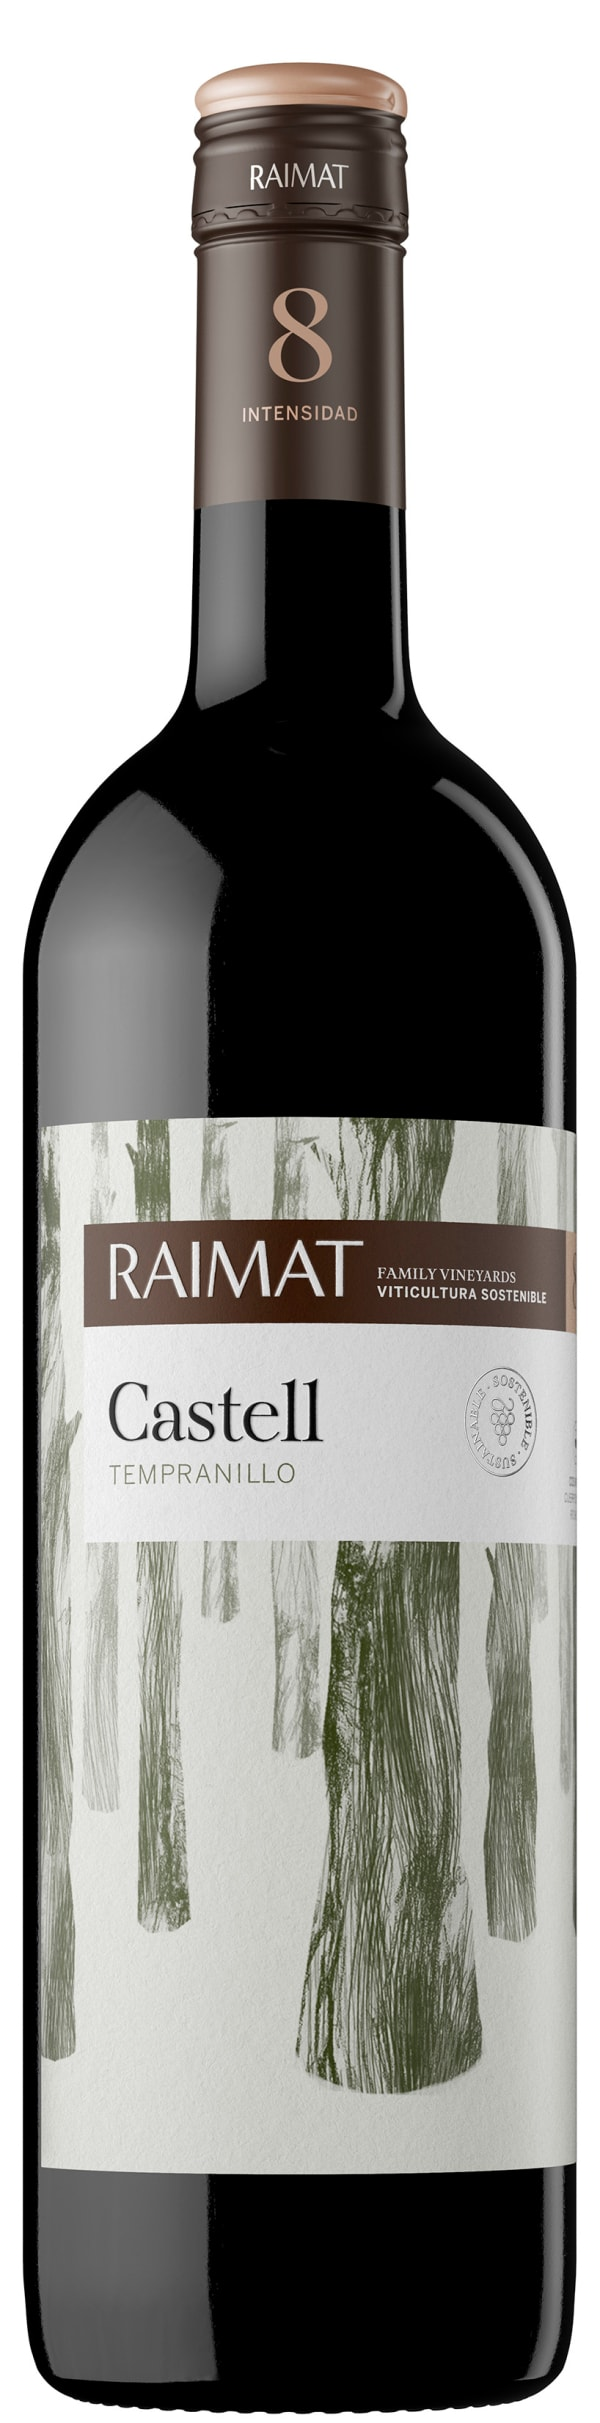 Raimat Castell Tempranillo 2016